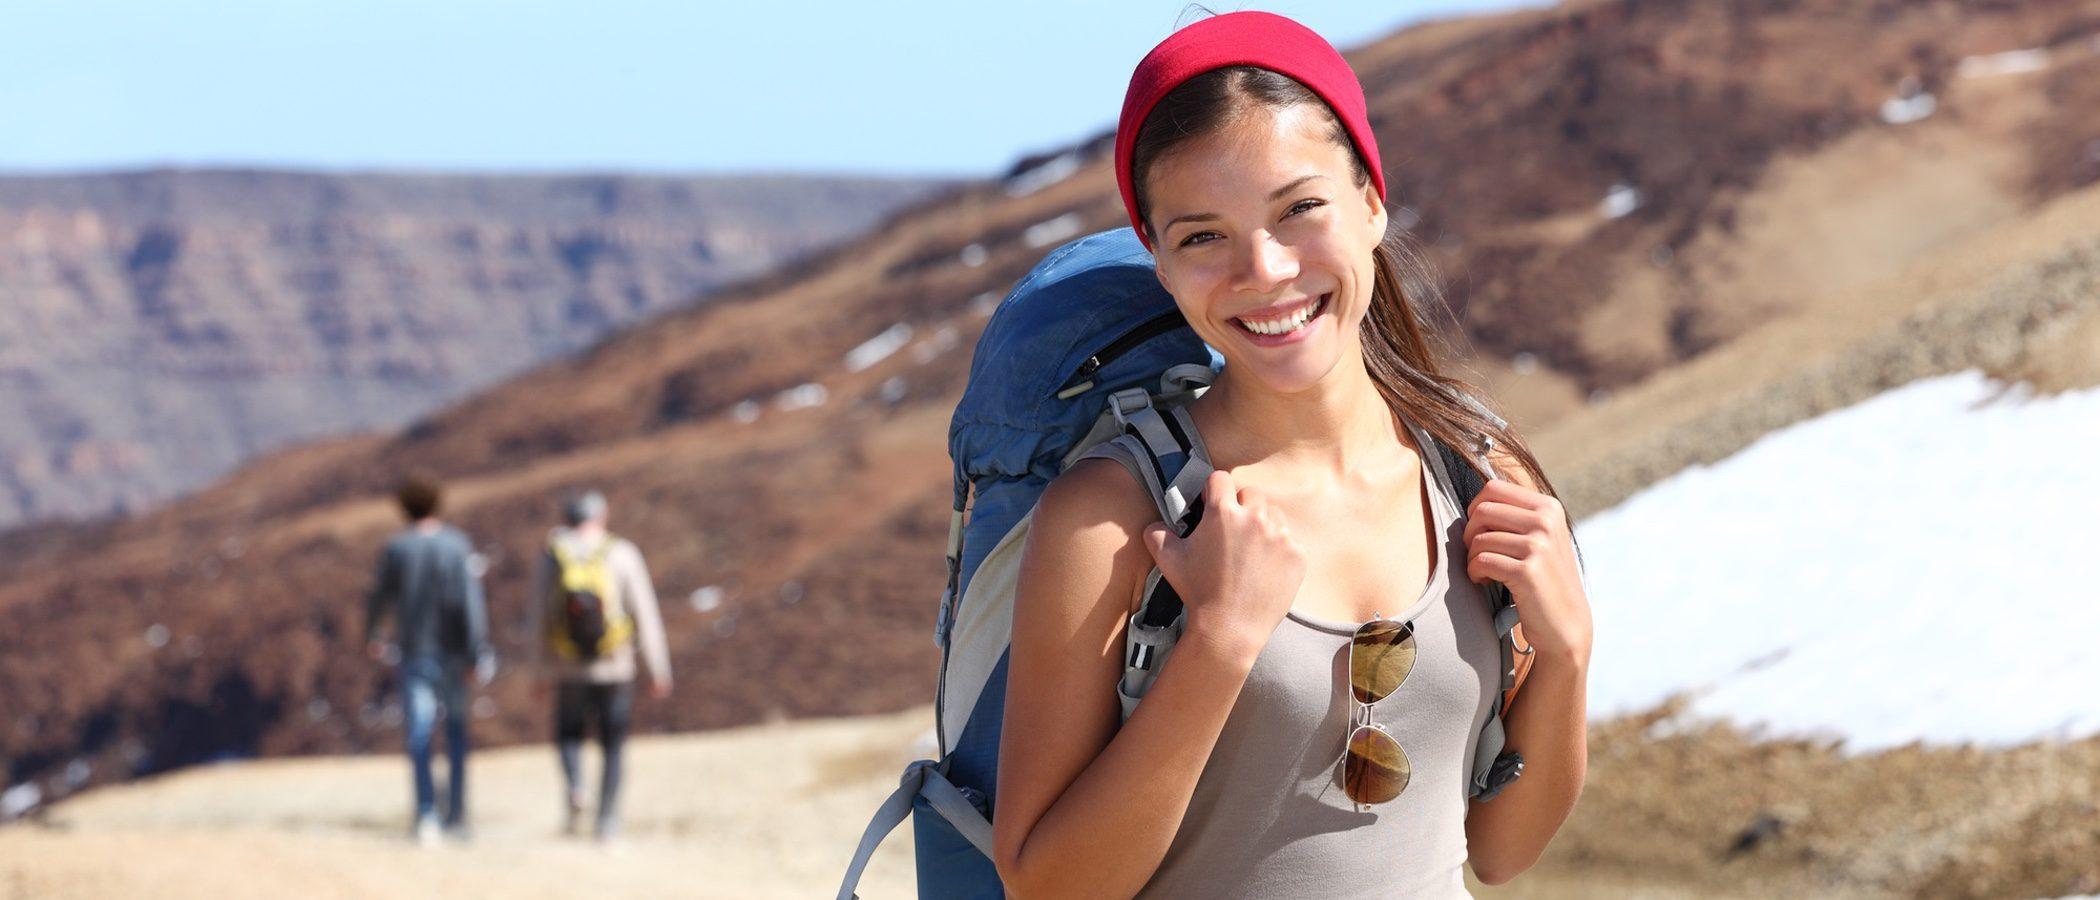 Cómo vestirse para una excursión a la montaña en verano